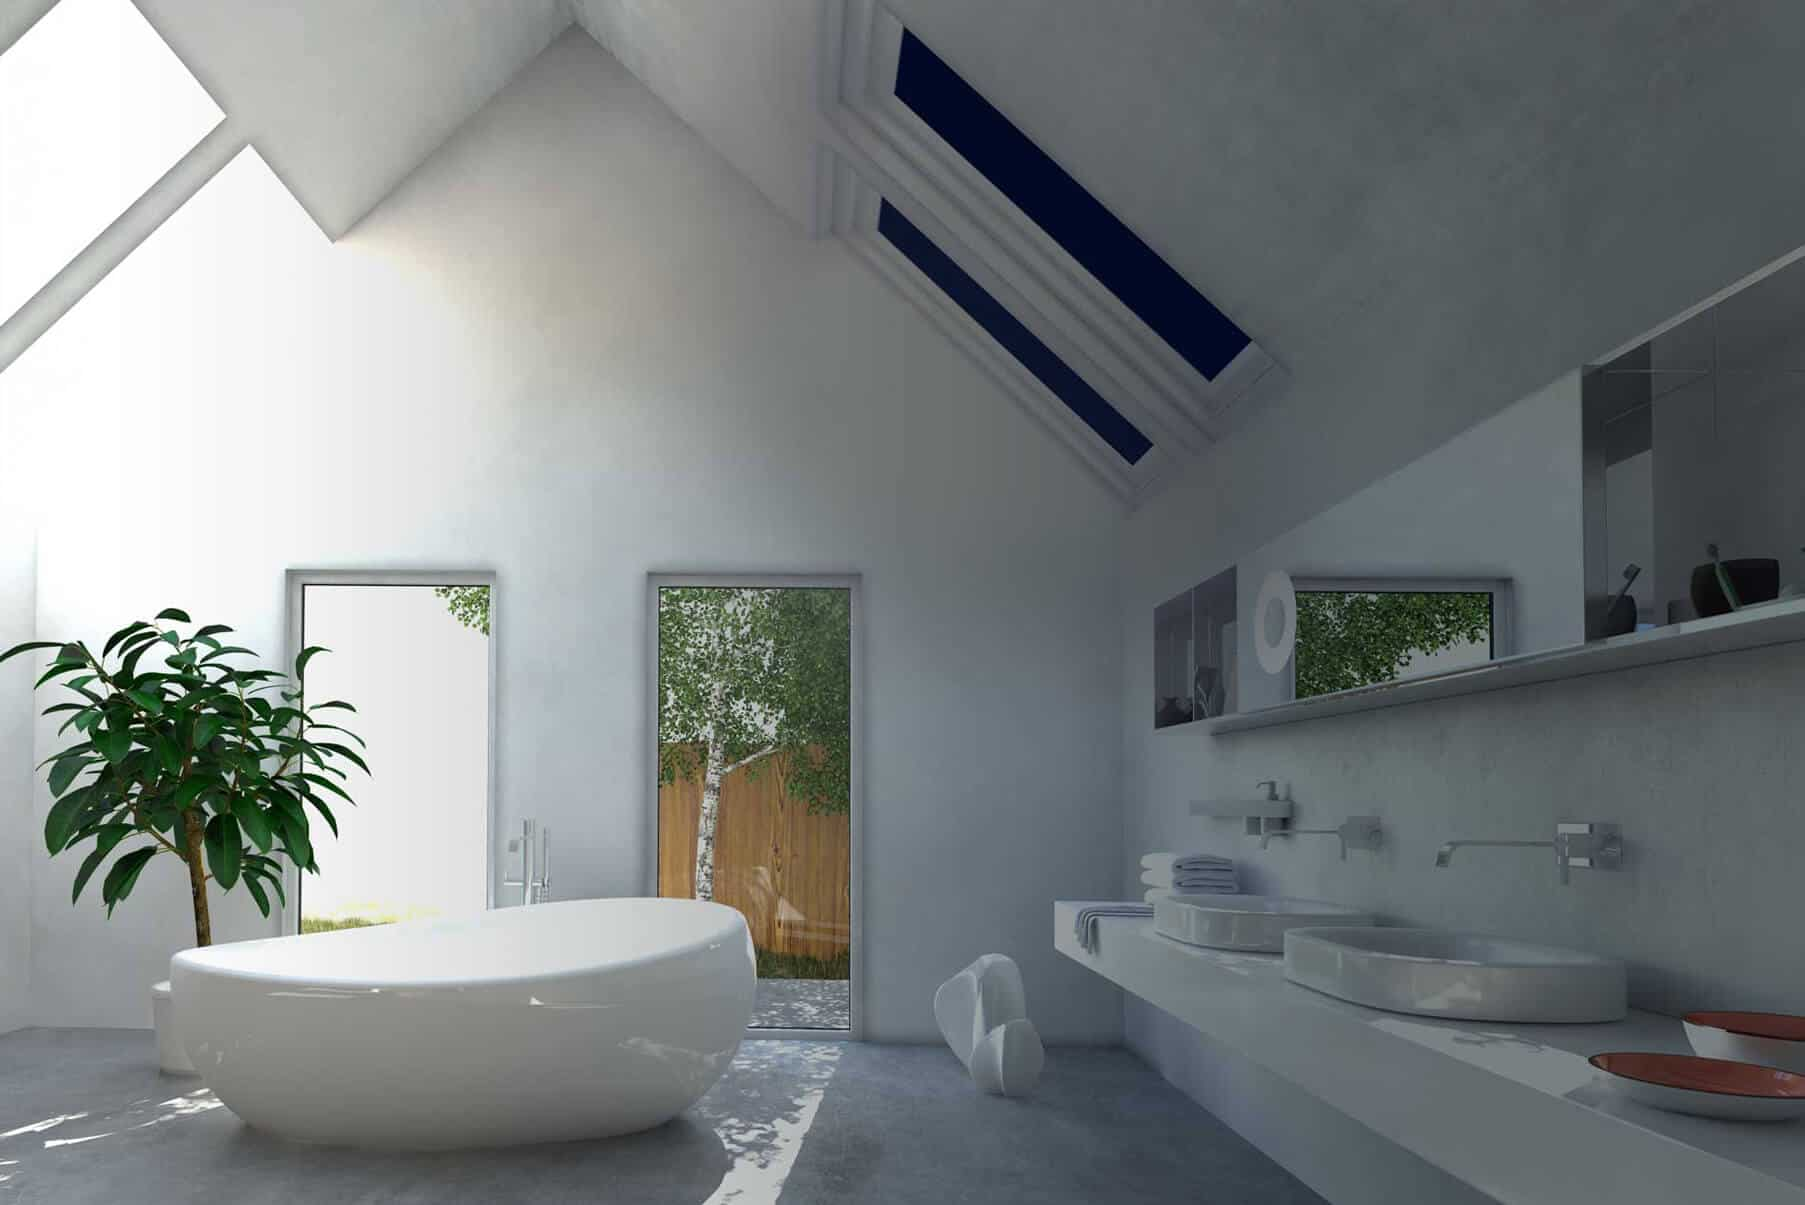 Gauzy skylight